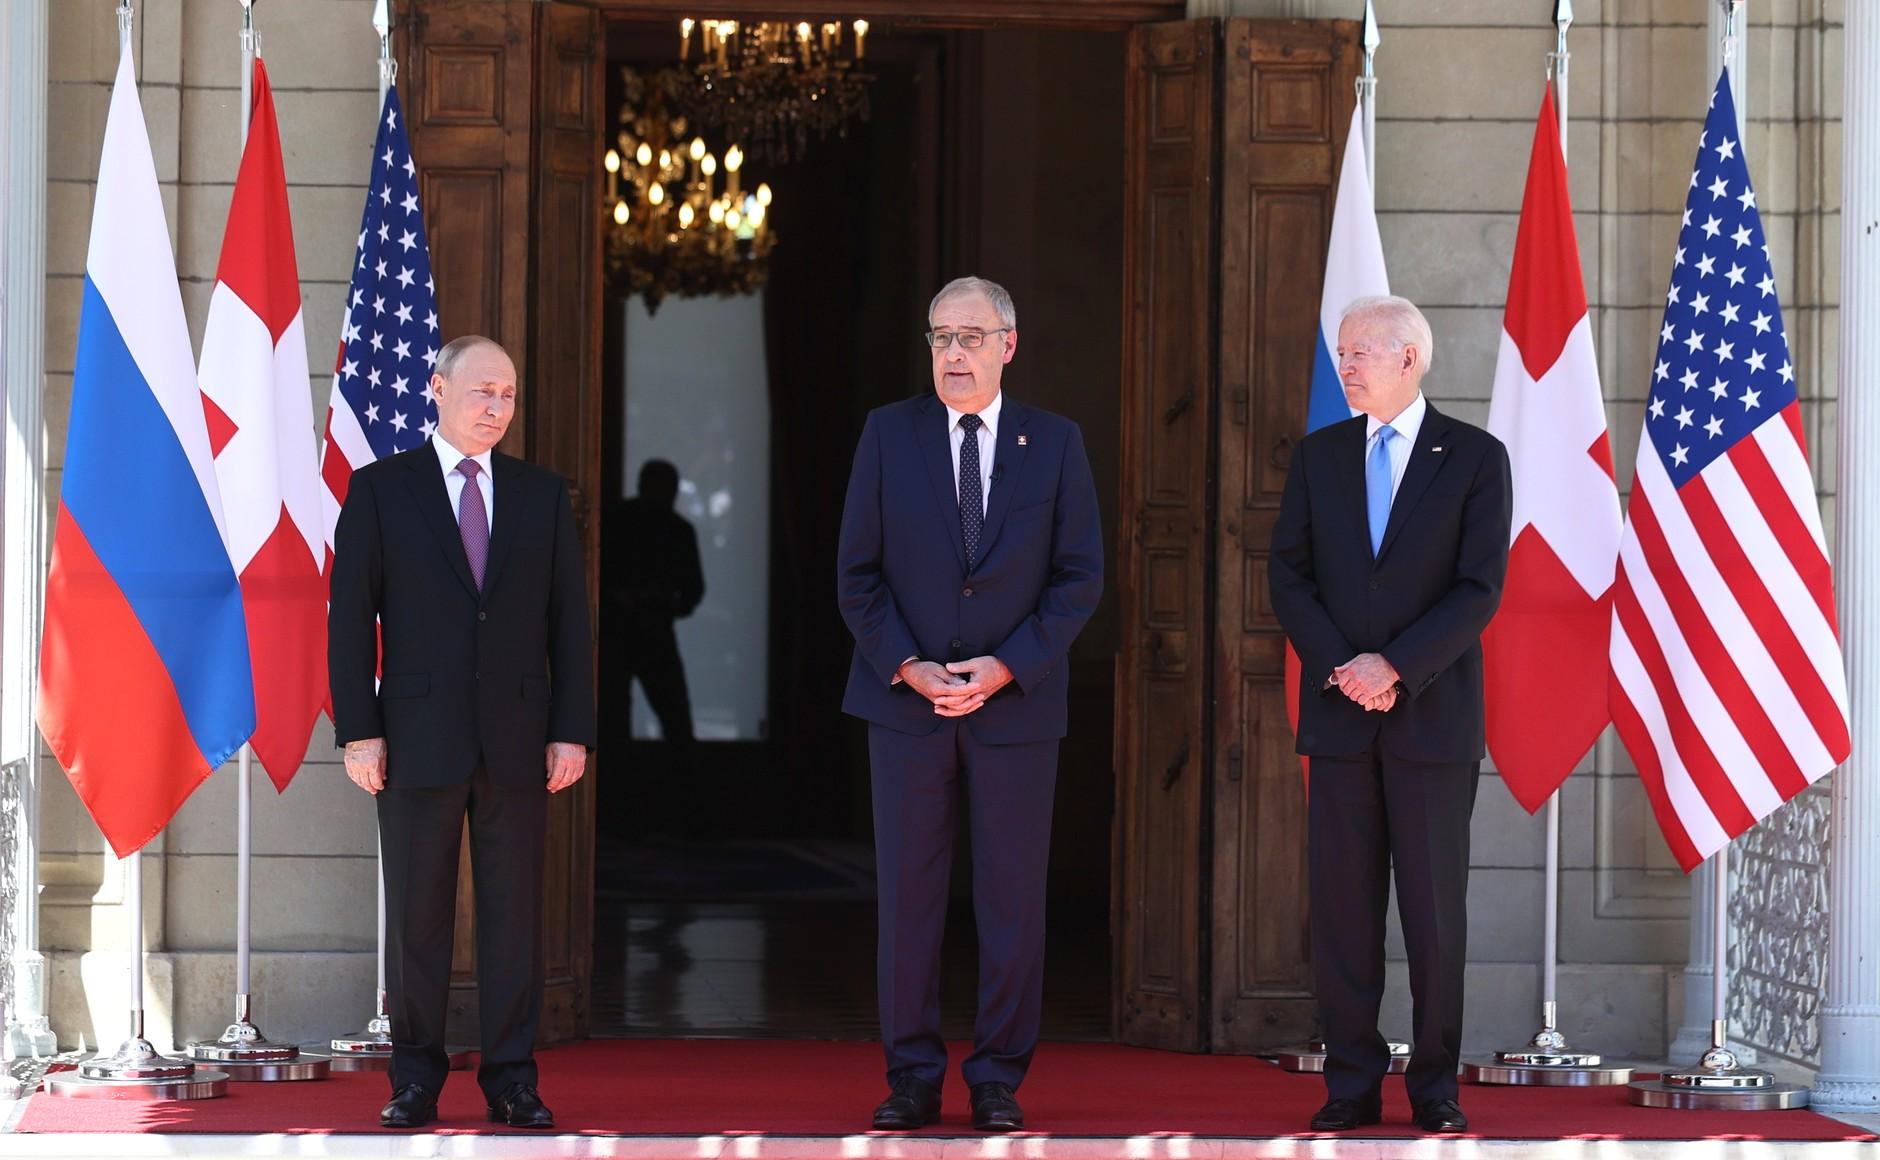 RUSSIE USA 4 X 16 Avec le président des États-Unis d'Amérique Joseph Biden avant les pourparlers russo-américains. Photo TASS + SUISSE